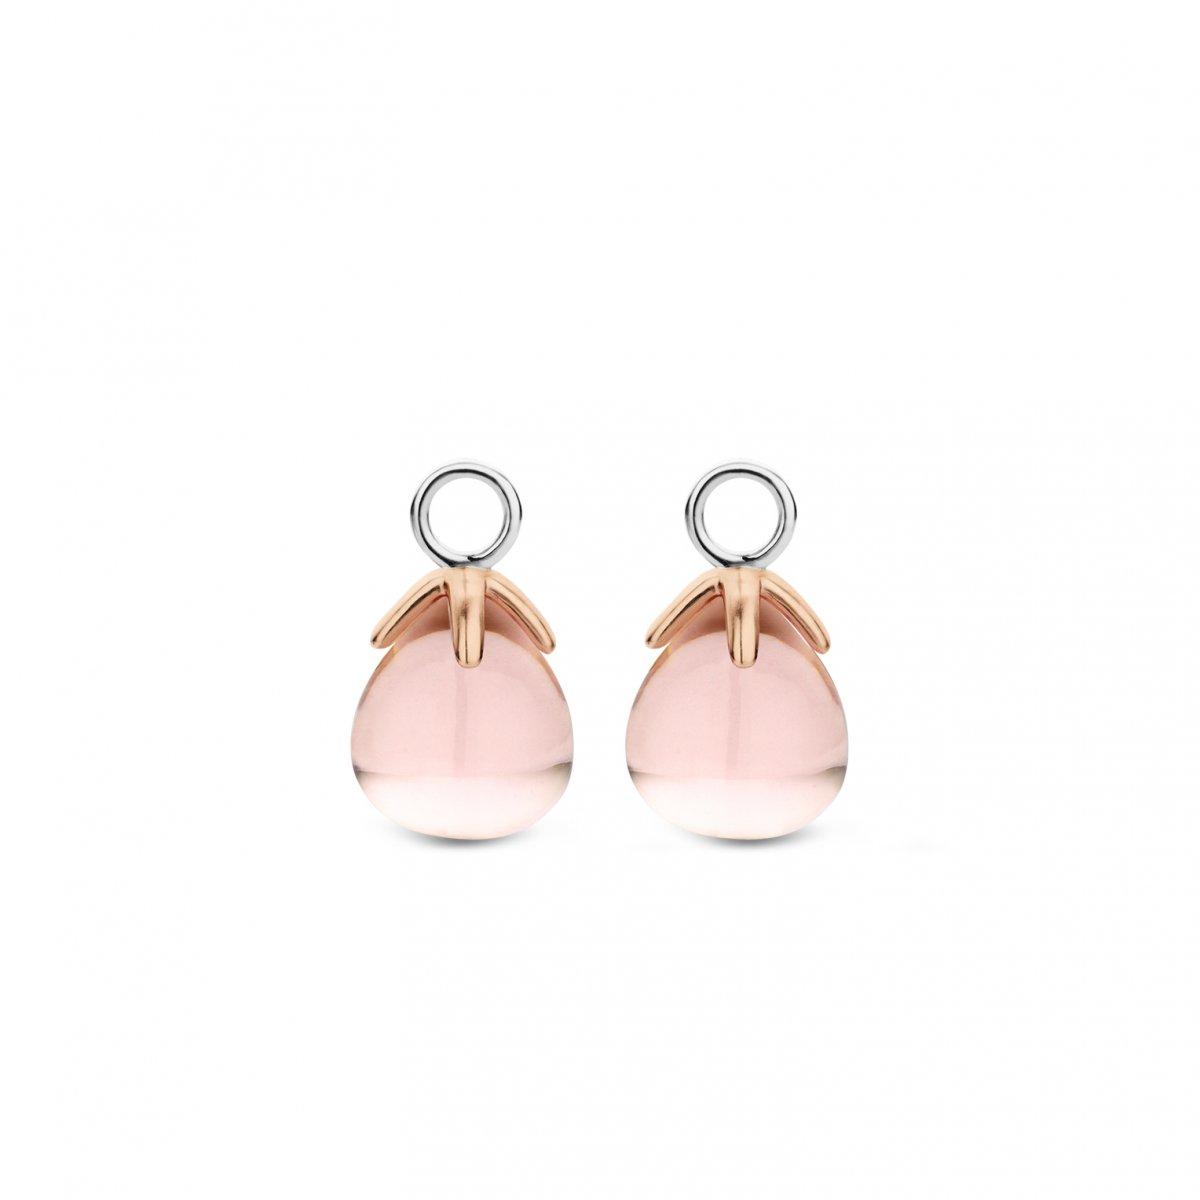 Prívesky na náušnice TI SENTO s ružovým kameňom